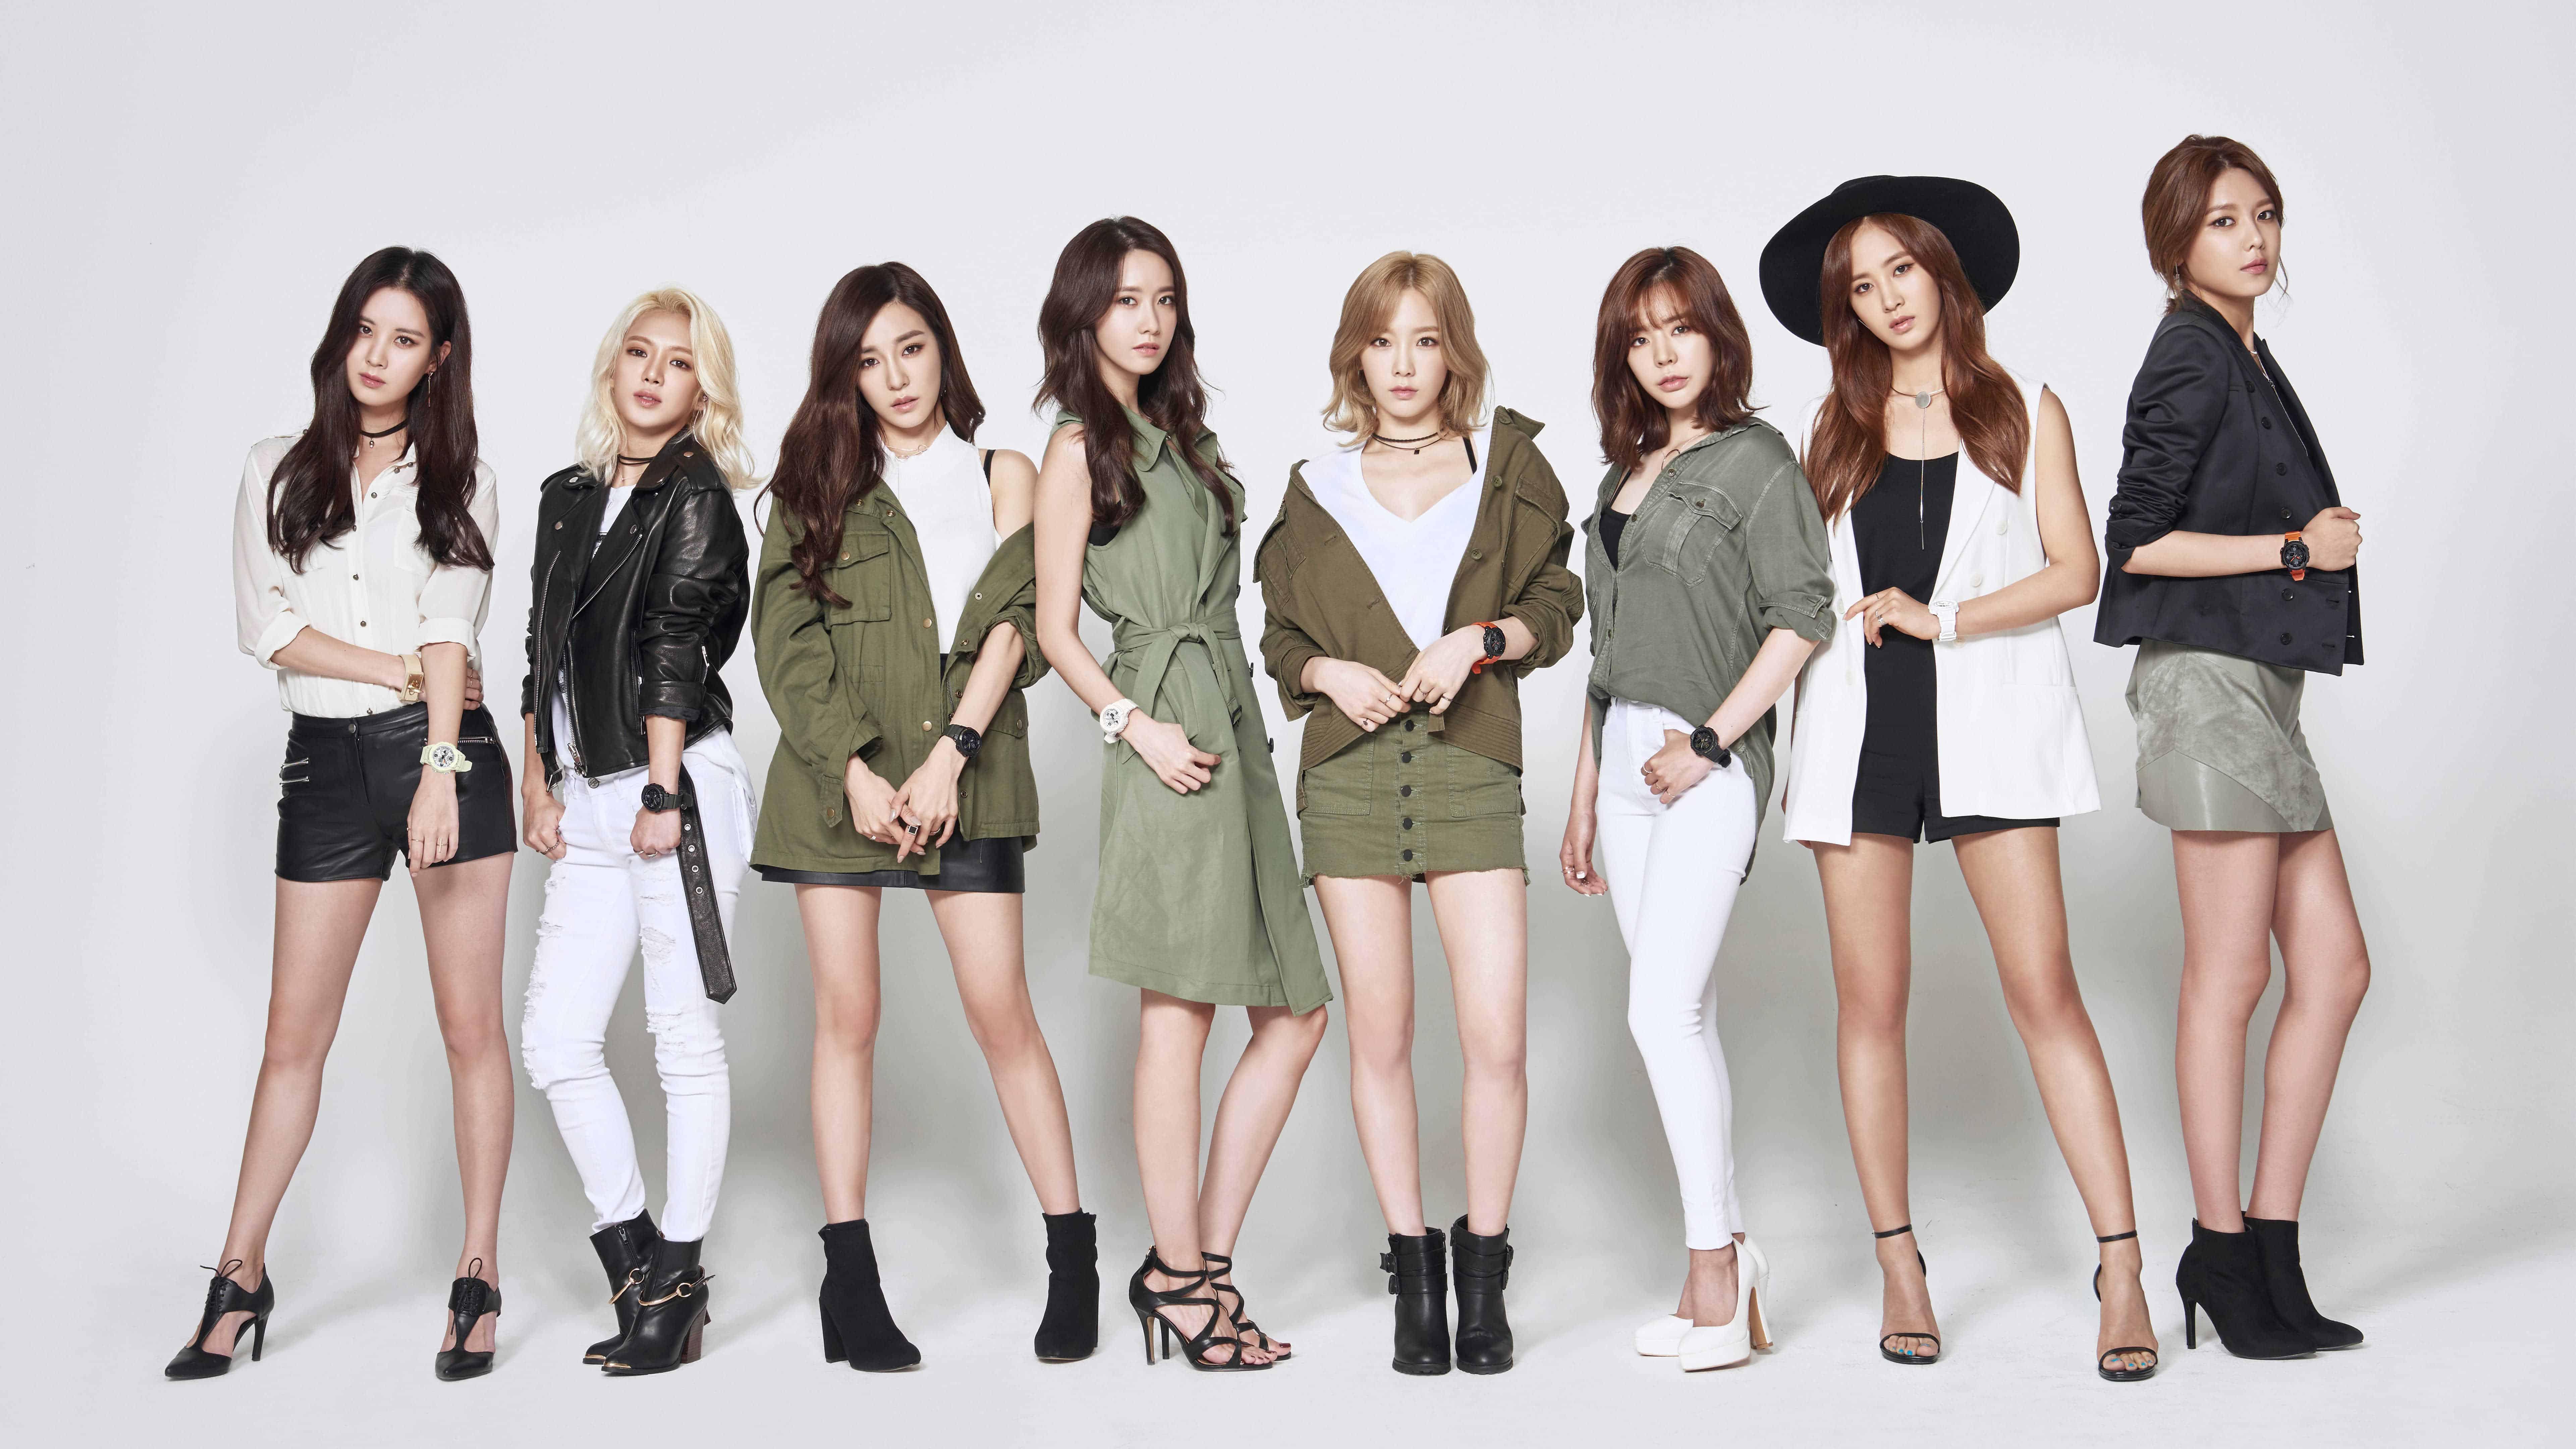 Girls Generation Members Casio Photoshoot Uhd 8k Wallpaper